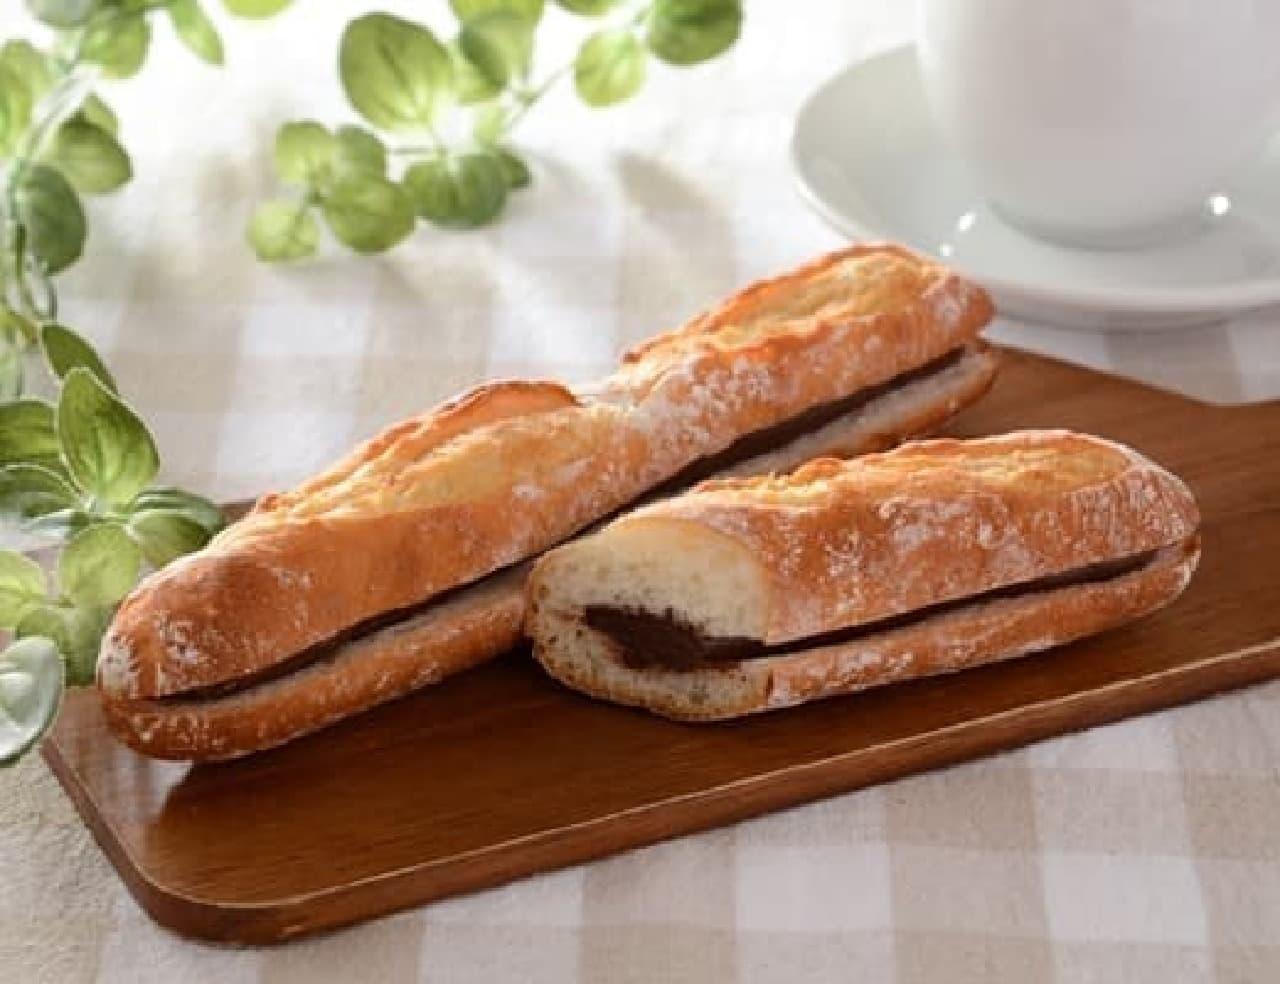 ローソン「マチノパン 芳醇チョコレートのフランスパン」